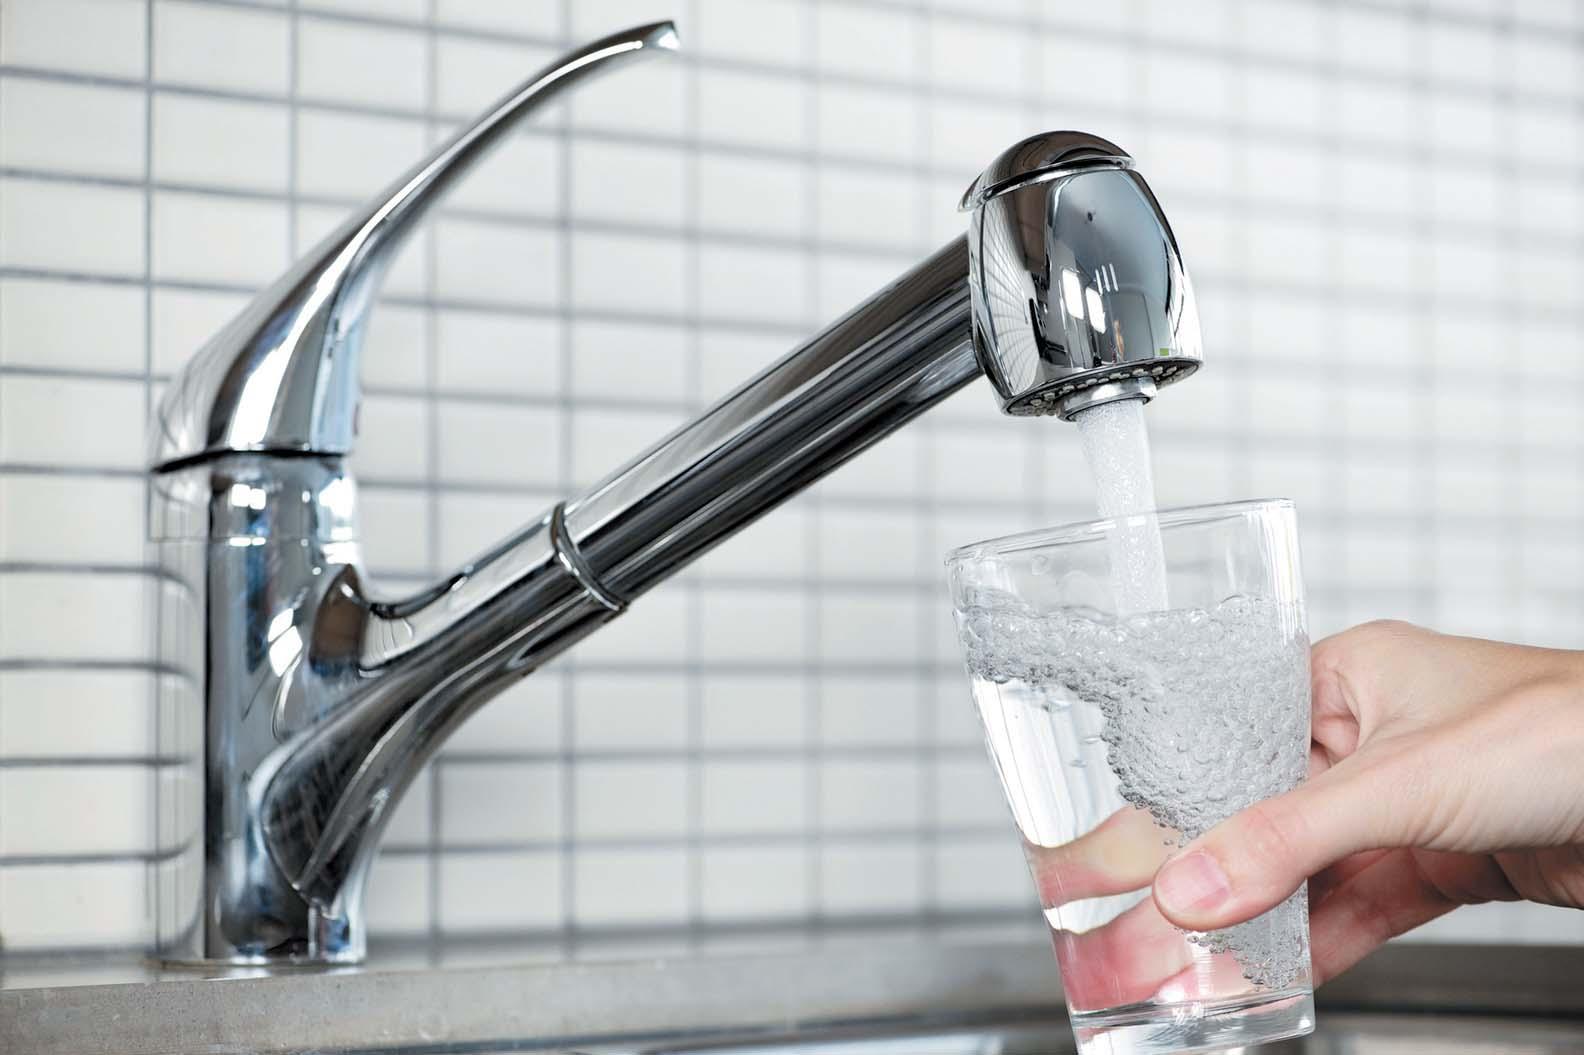 С 1 июля на Украине значительно вырастут тарифы на воду